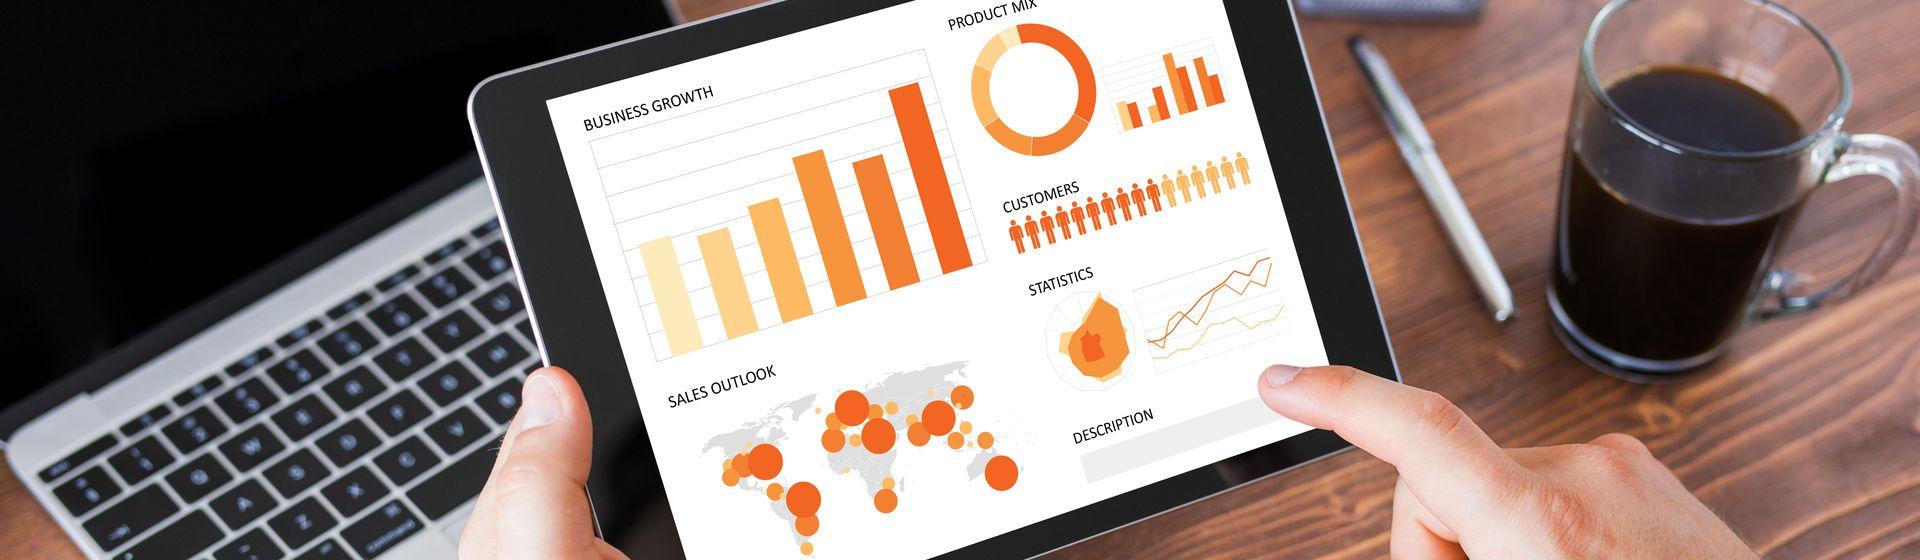 Melhores tablets em 2020: 8 modelos para comprar no Brasil